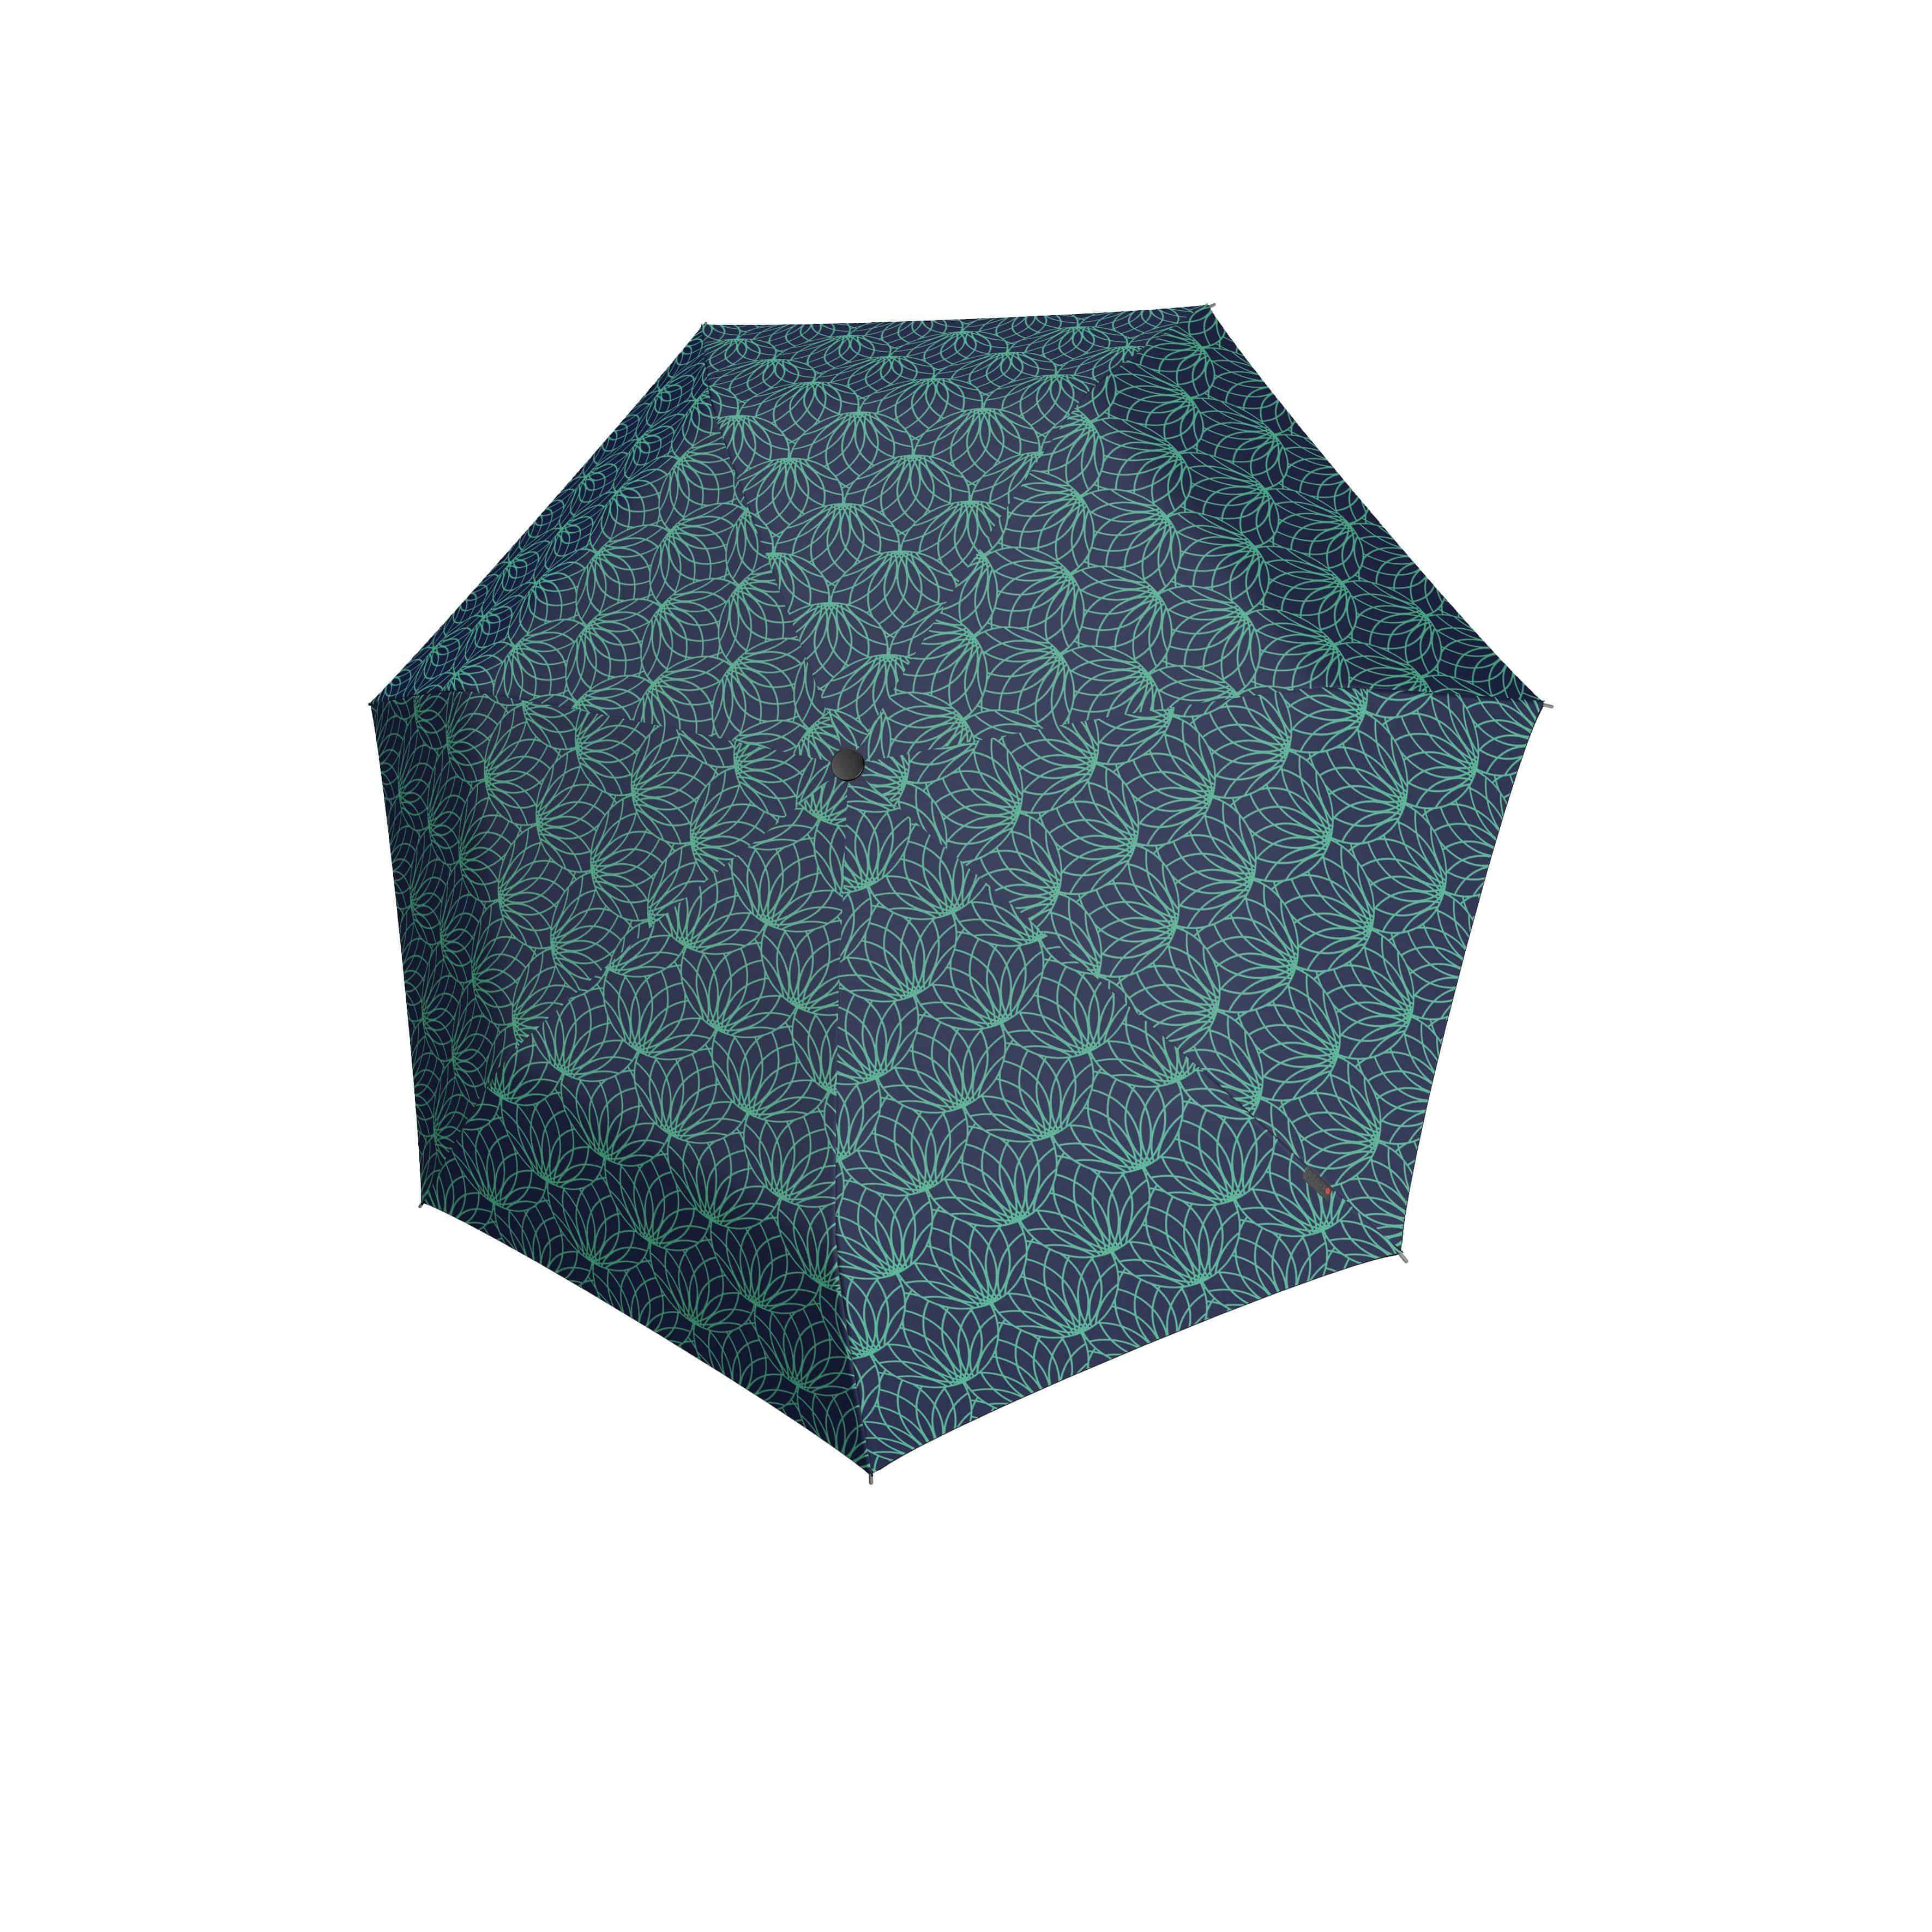 Knirps Umbrella X1 manual (7 ribs) - foto 2